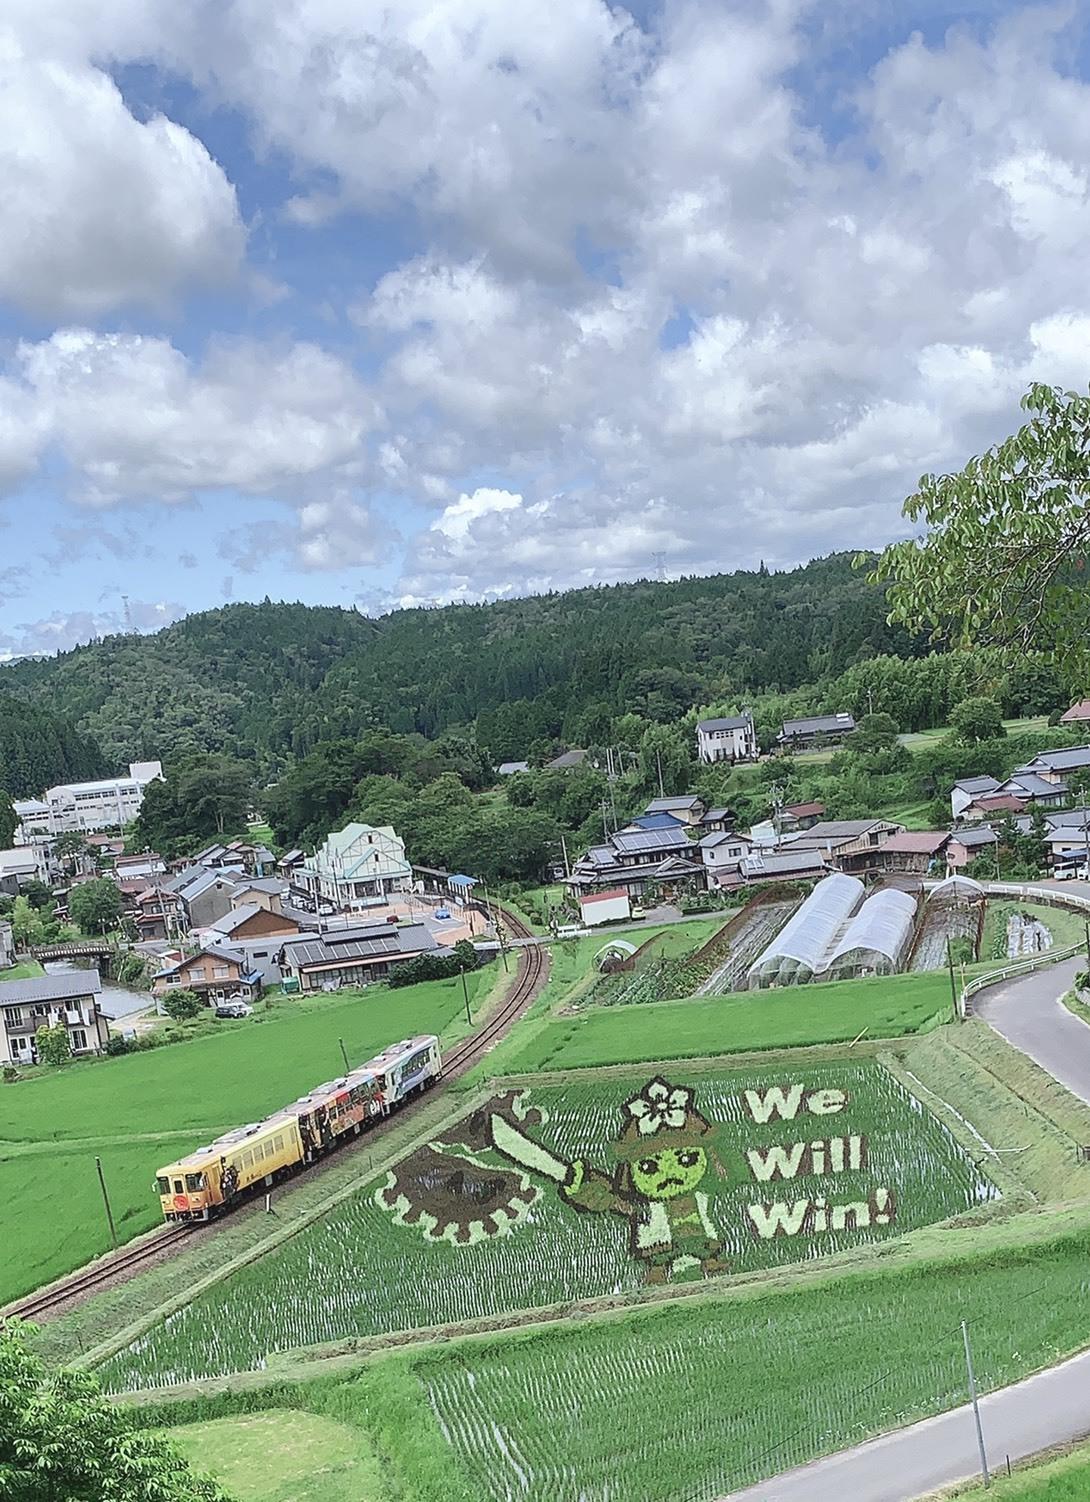 明知鉄道と田んぼdeアート